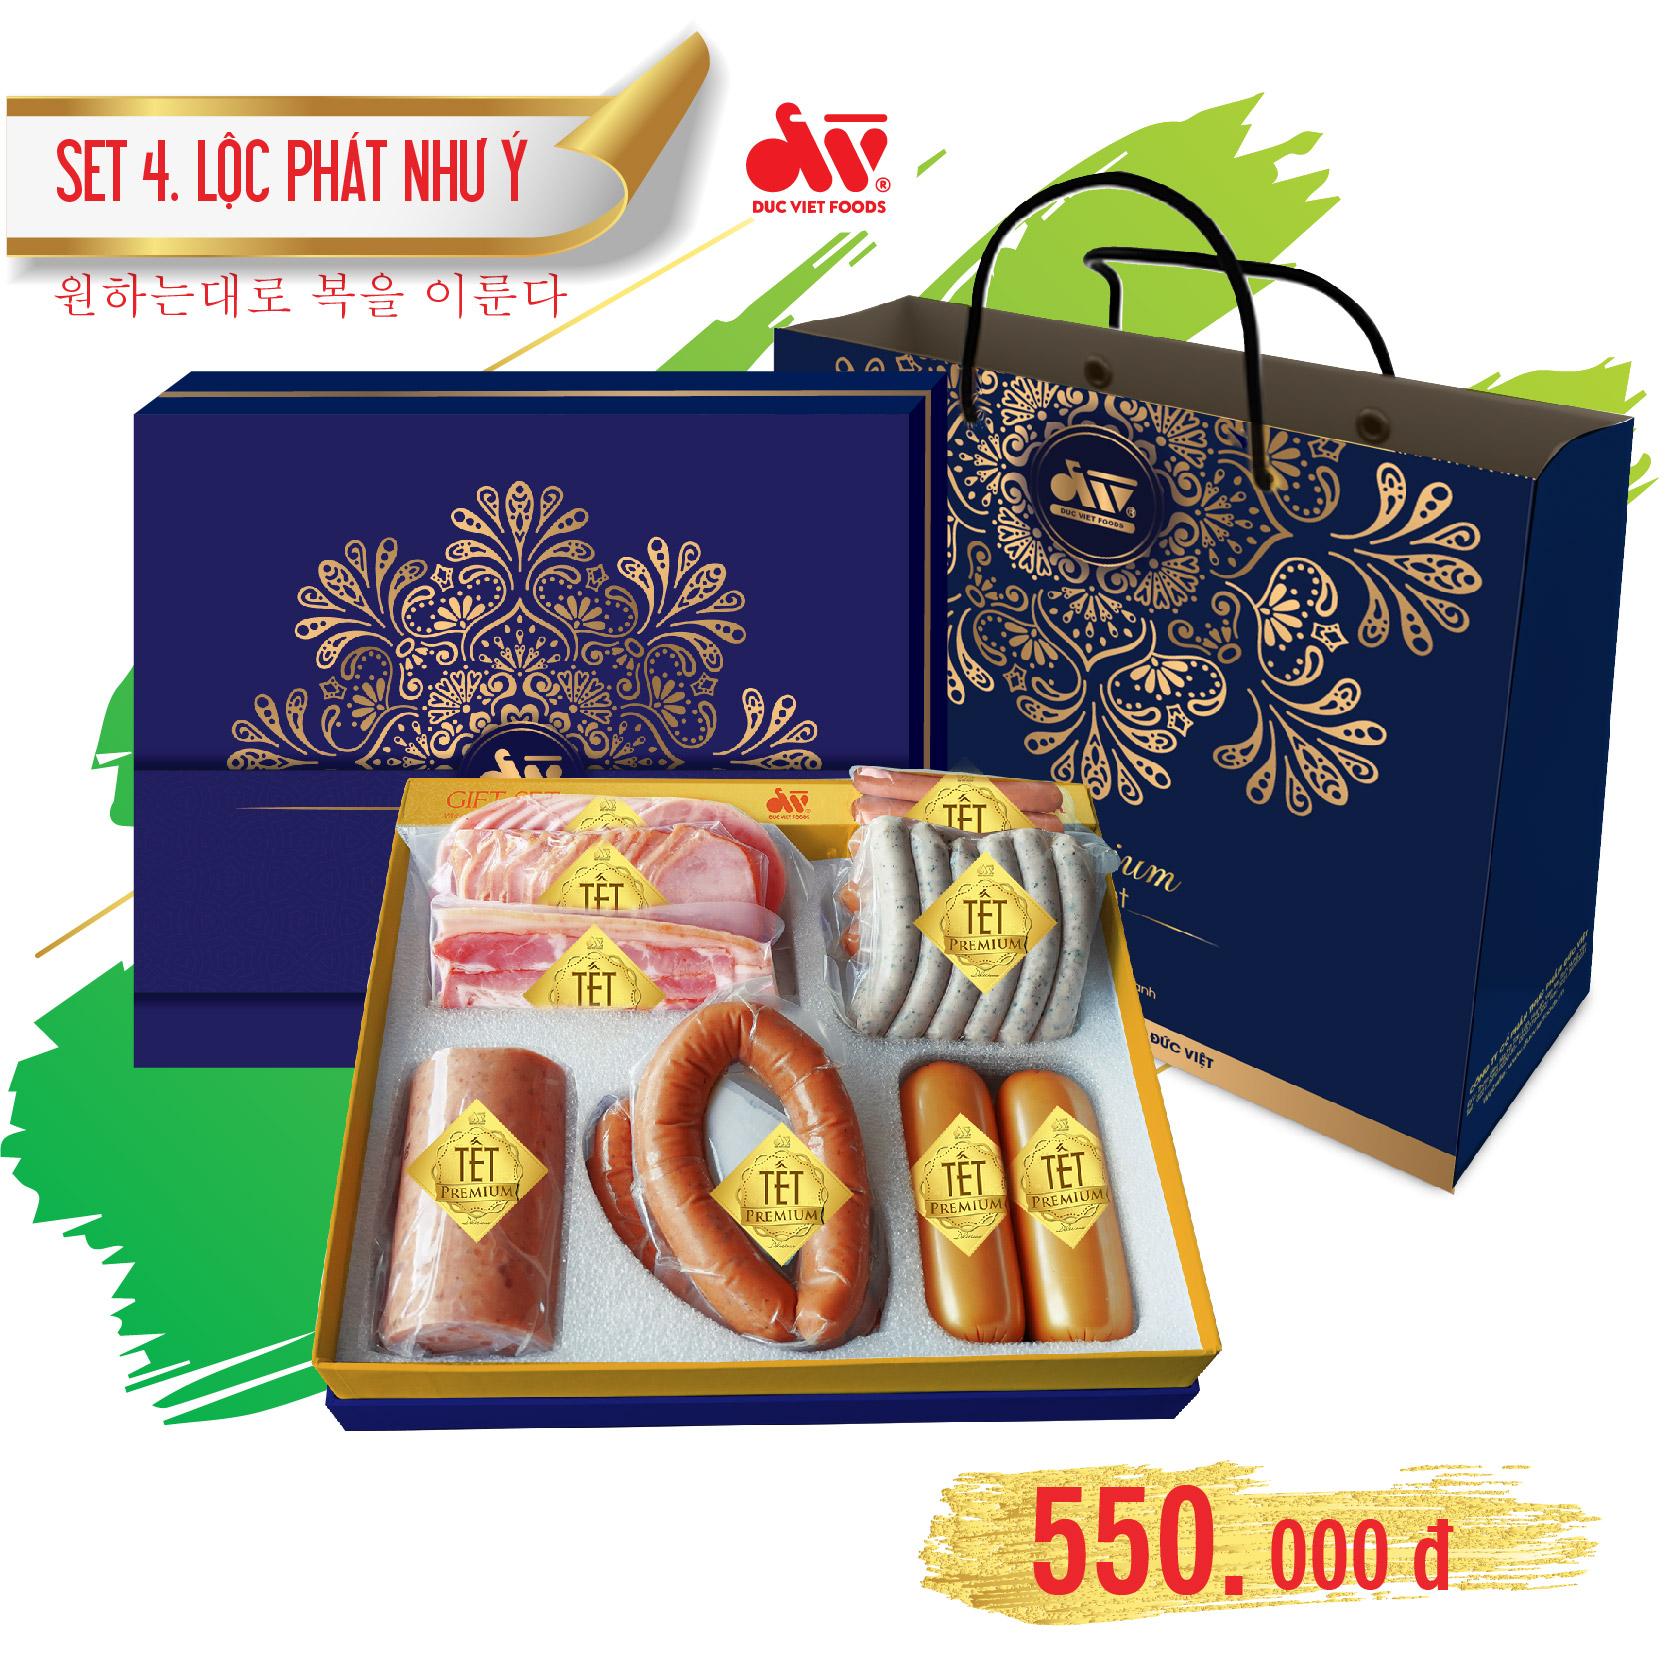 set-qua-tet-loc-phat-nhu-y-550-000d